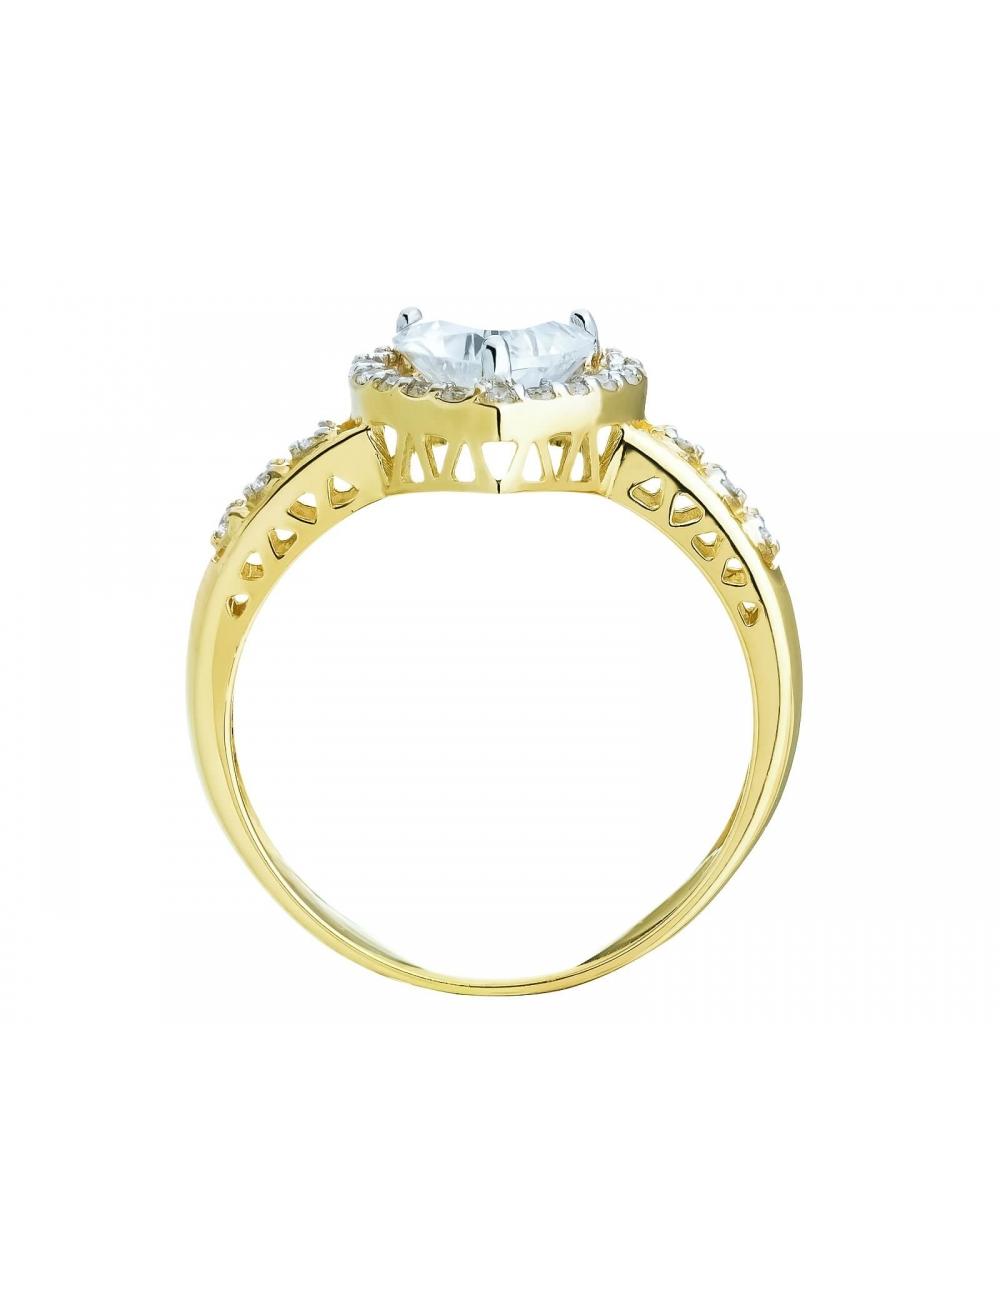 Tanie pierścionki zaręczynowe. 3 modele, którymi ją oczarujesz!